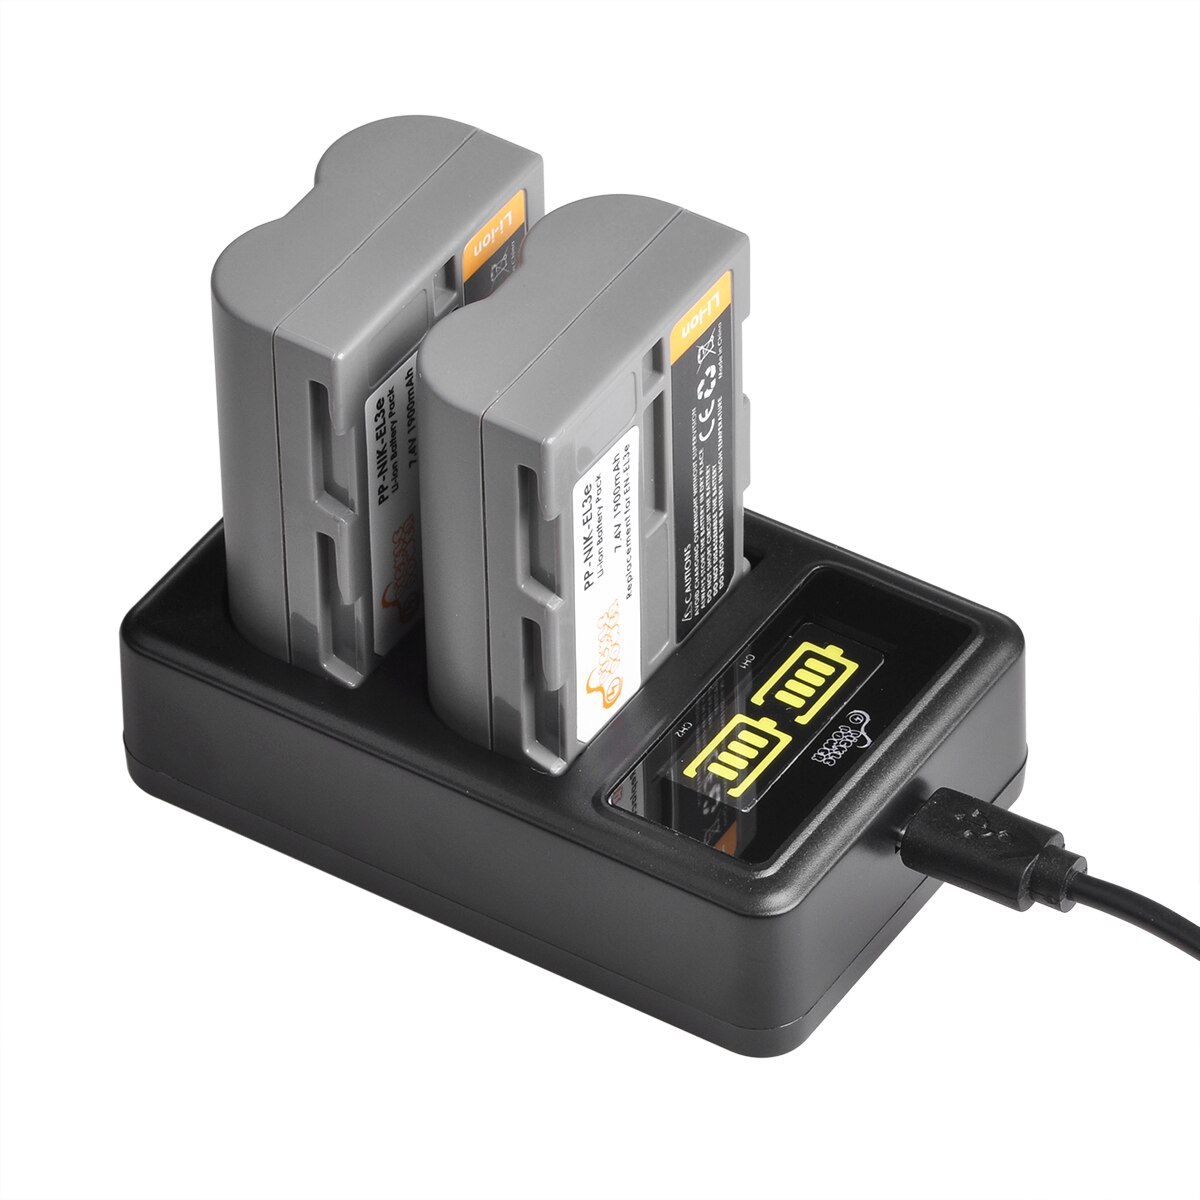 Led para Nikon Bateria Carregador Duplo D50 D70 D70s D80 En-el3e Mah D90 D100 D200 D300 D300s D700 en El3e 1900mah